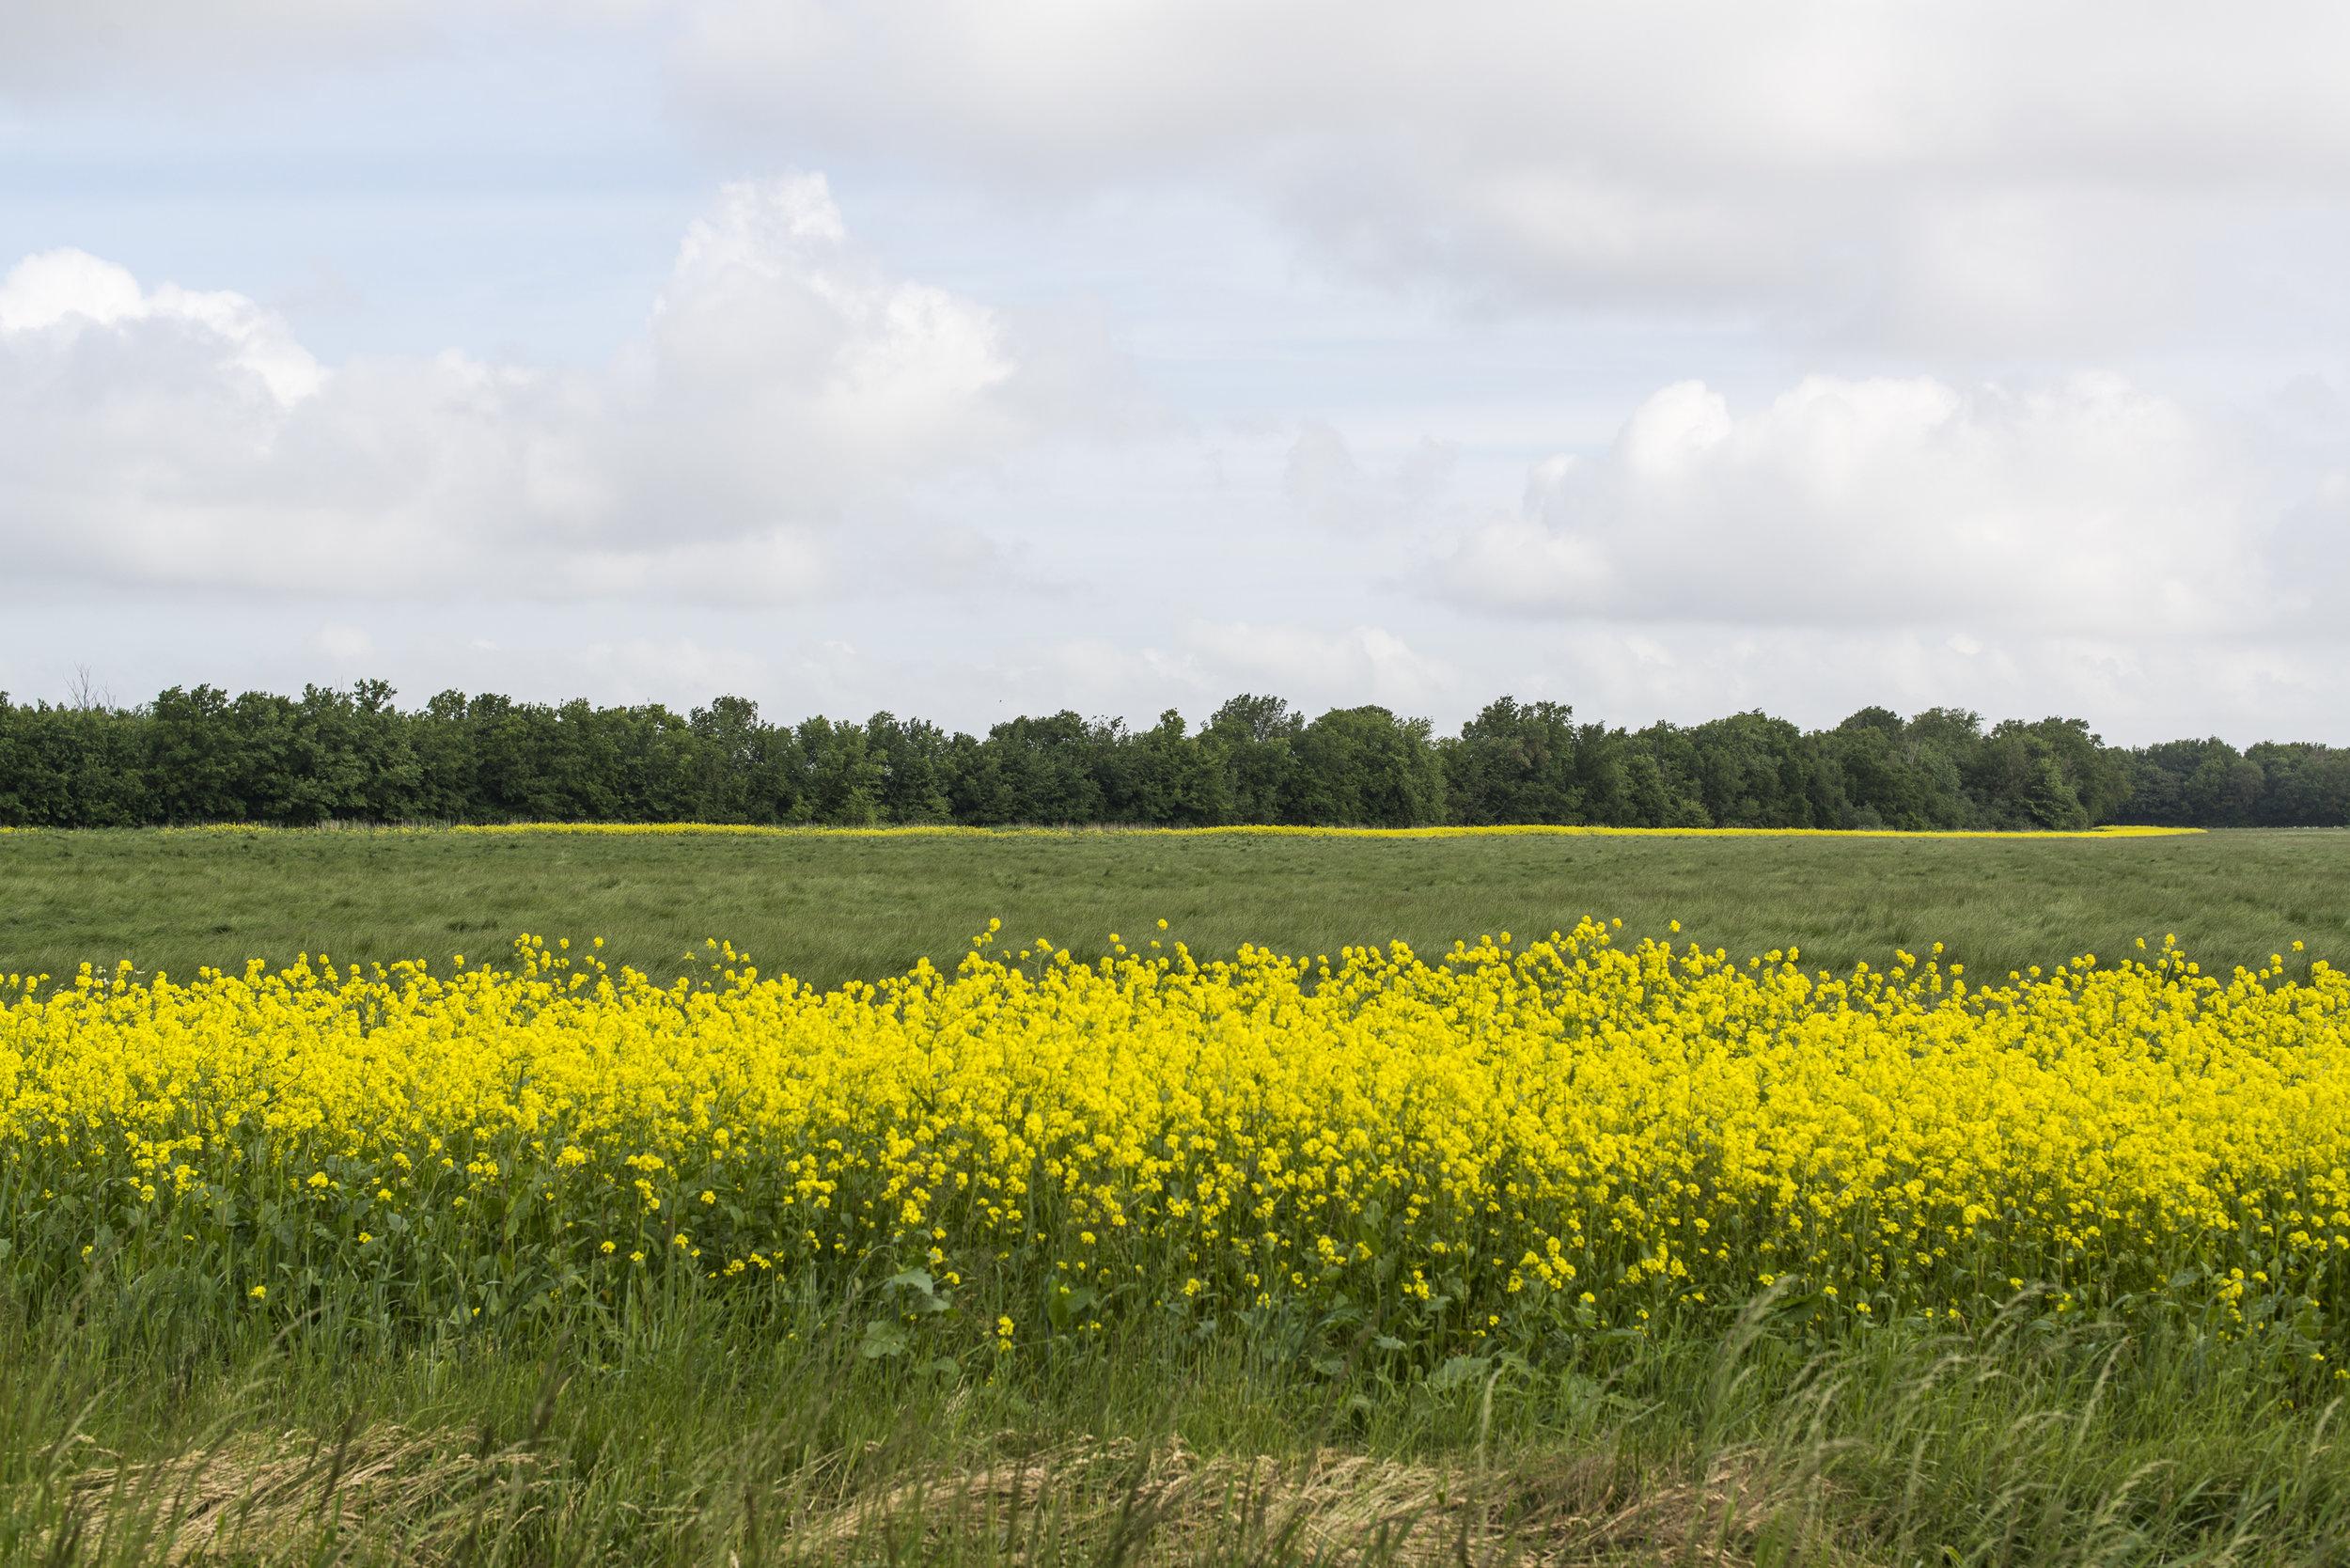 ©-Yorit-Kluitman-Gemeente-Noord-Beveland.jpg